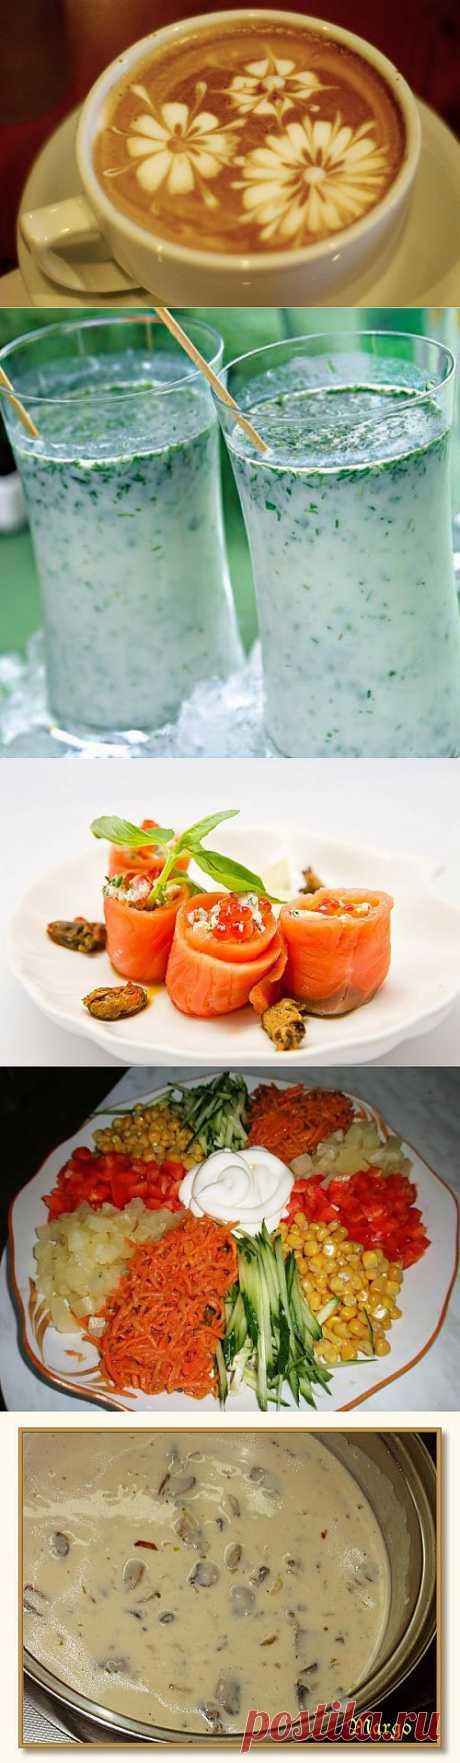 Perla - жемчужина кулинарных рецептов.